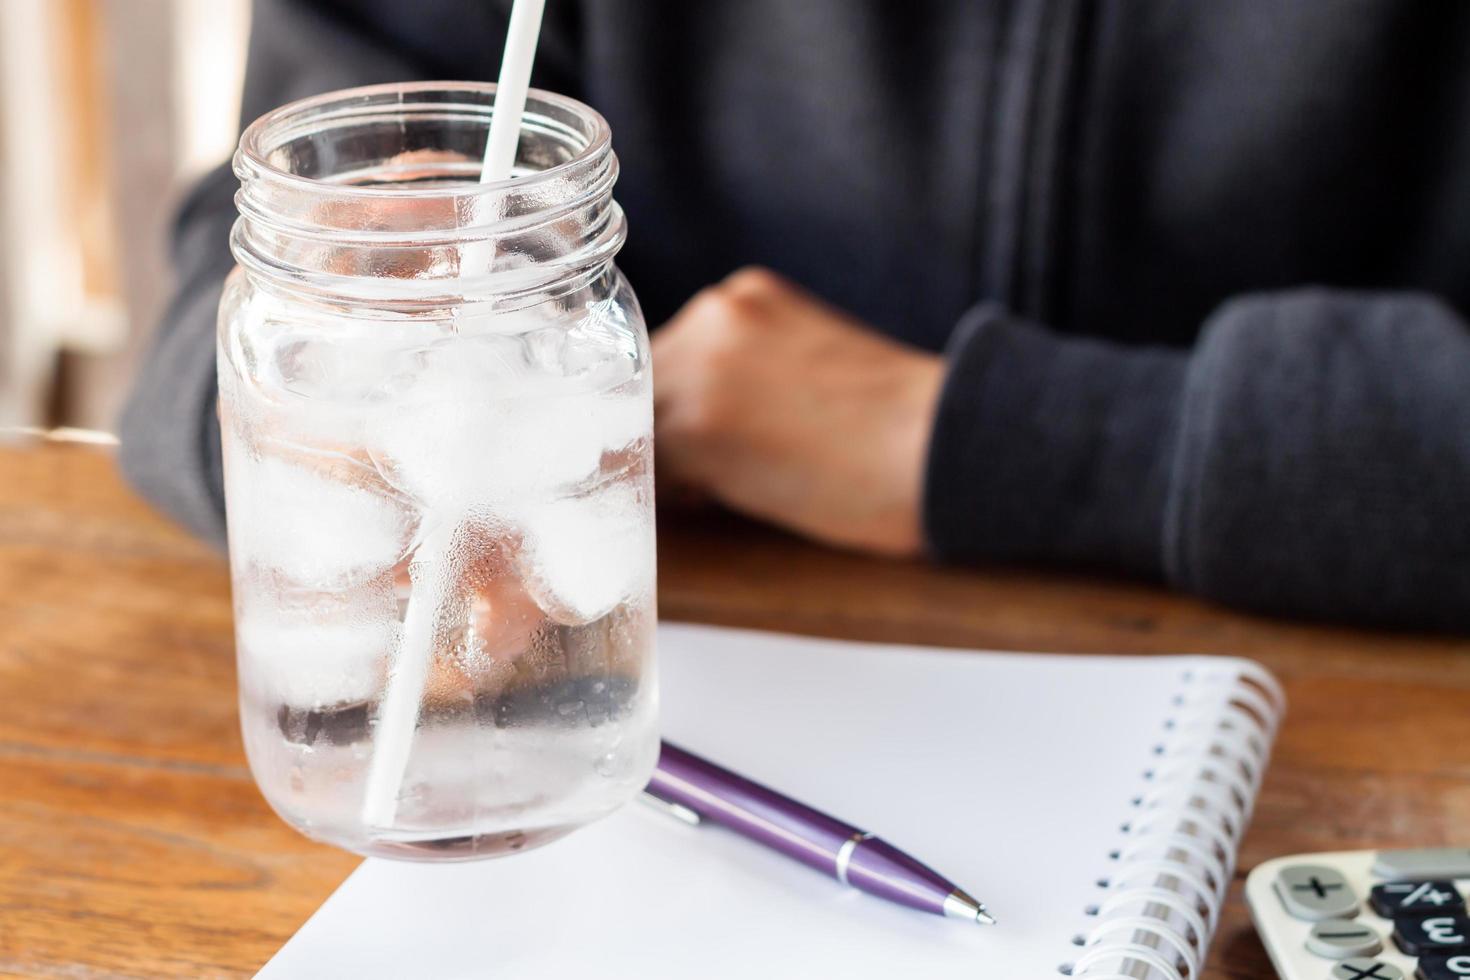 persona sosteniendo un vaso de agua en un frasco foto